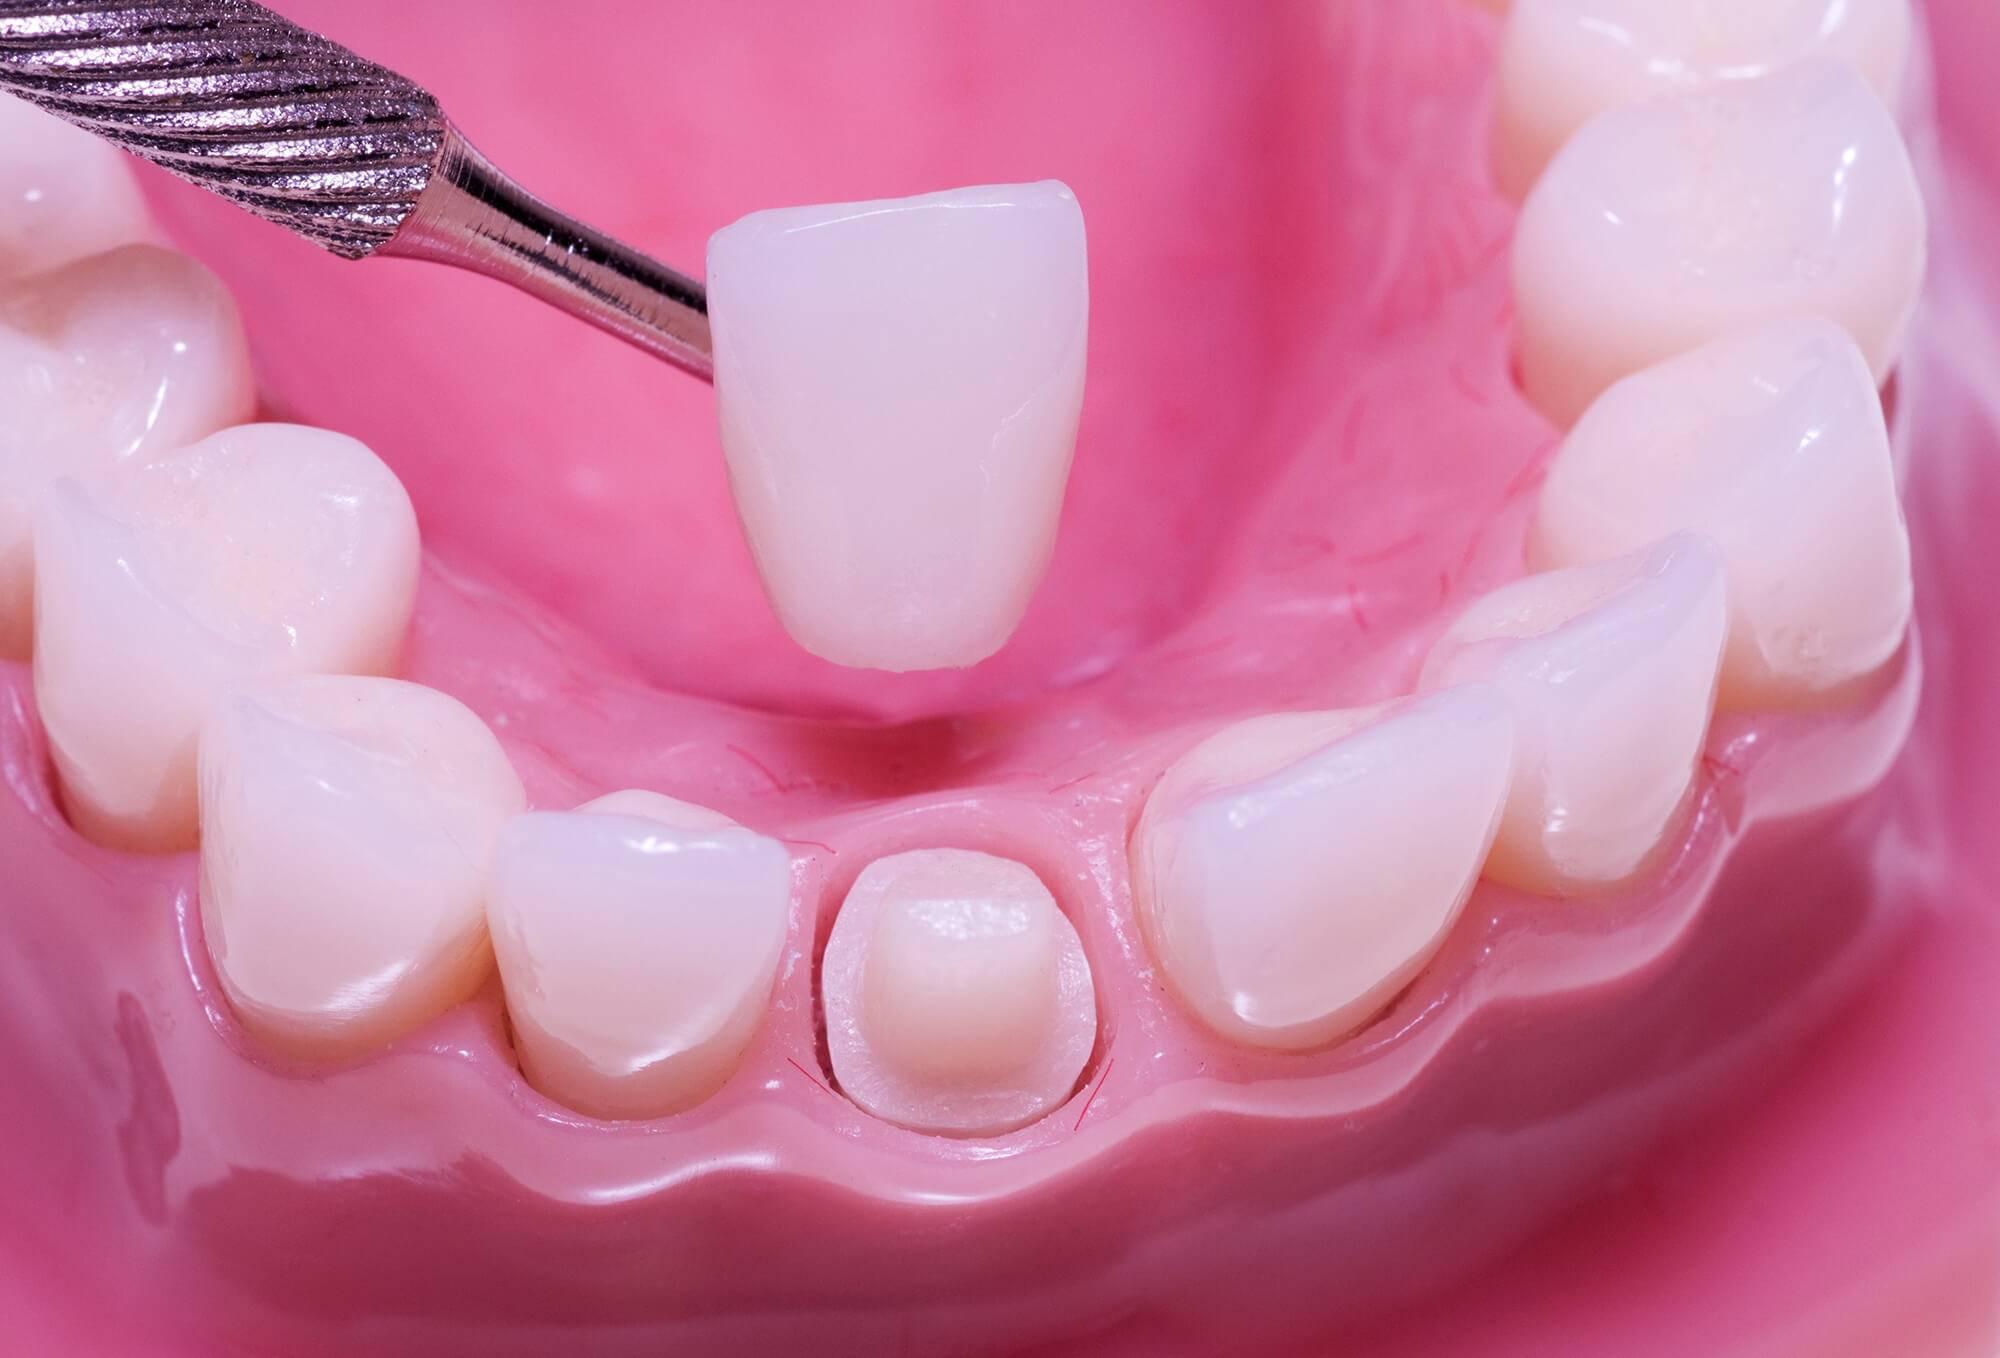 Несъемный зубной протез на имплантах — виды протезирования зубов